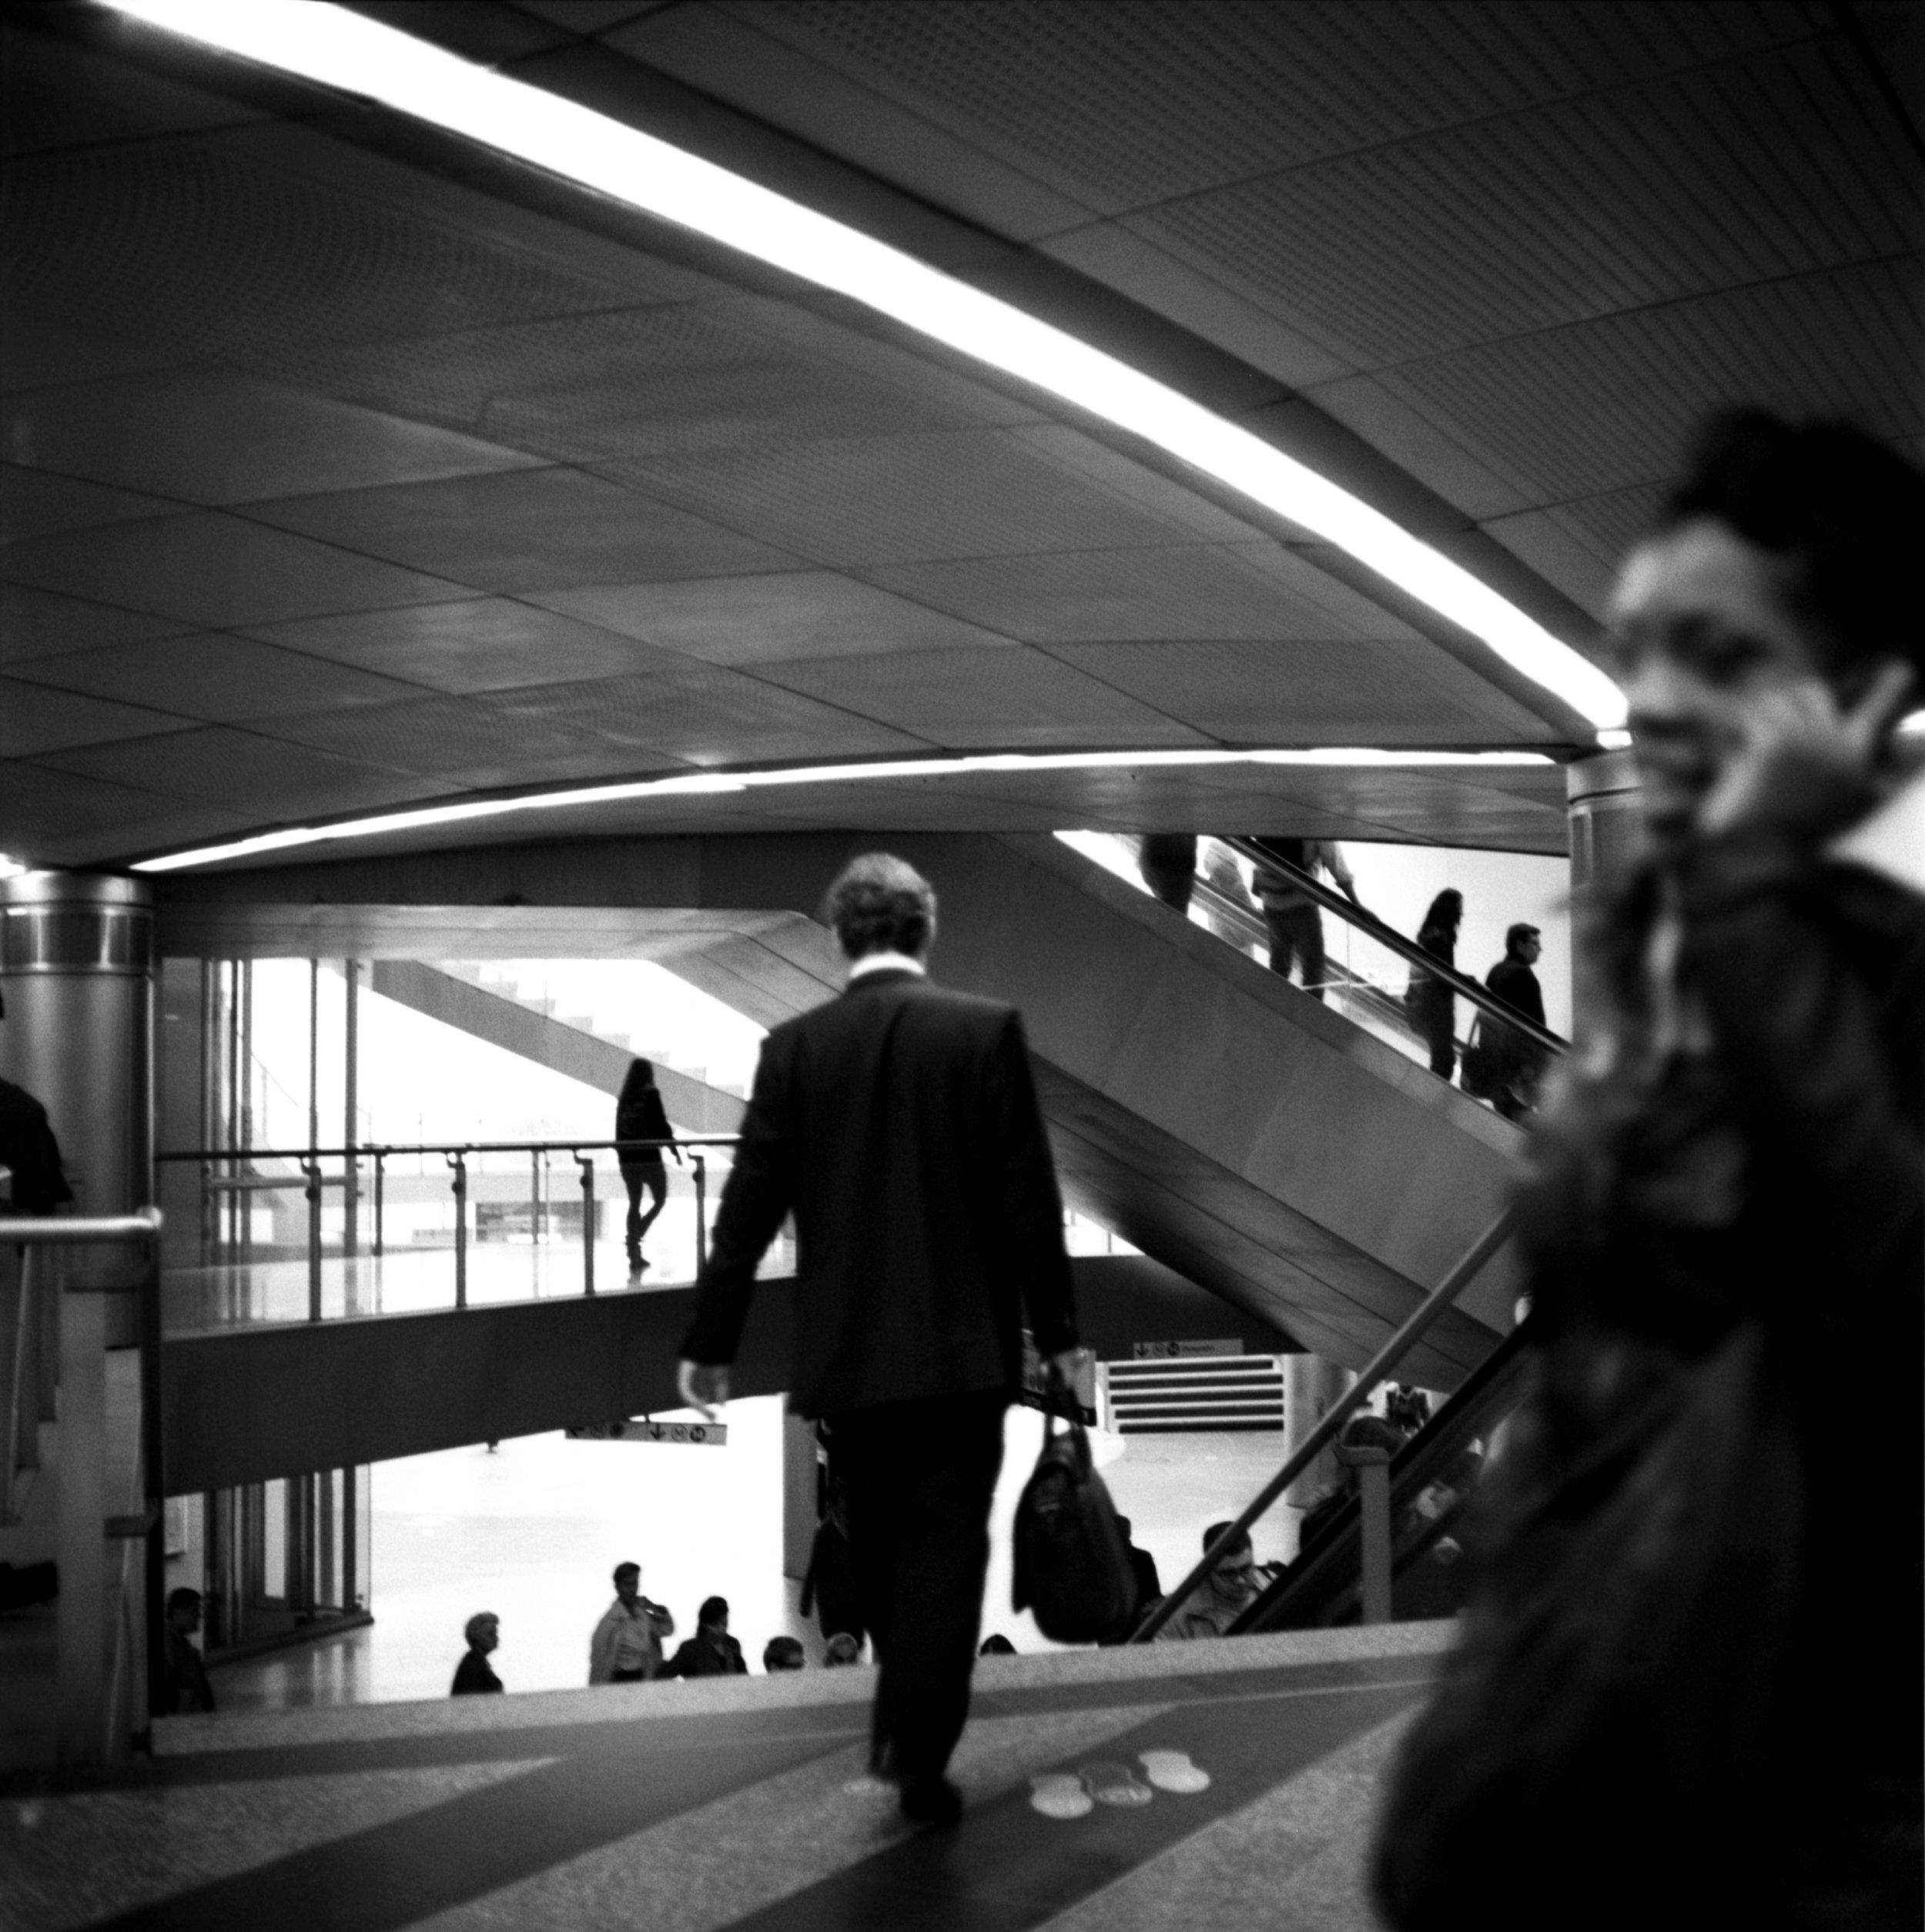 KhanhDT-Subway-014.jpg